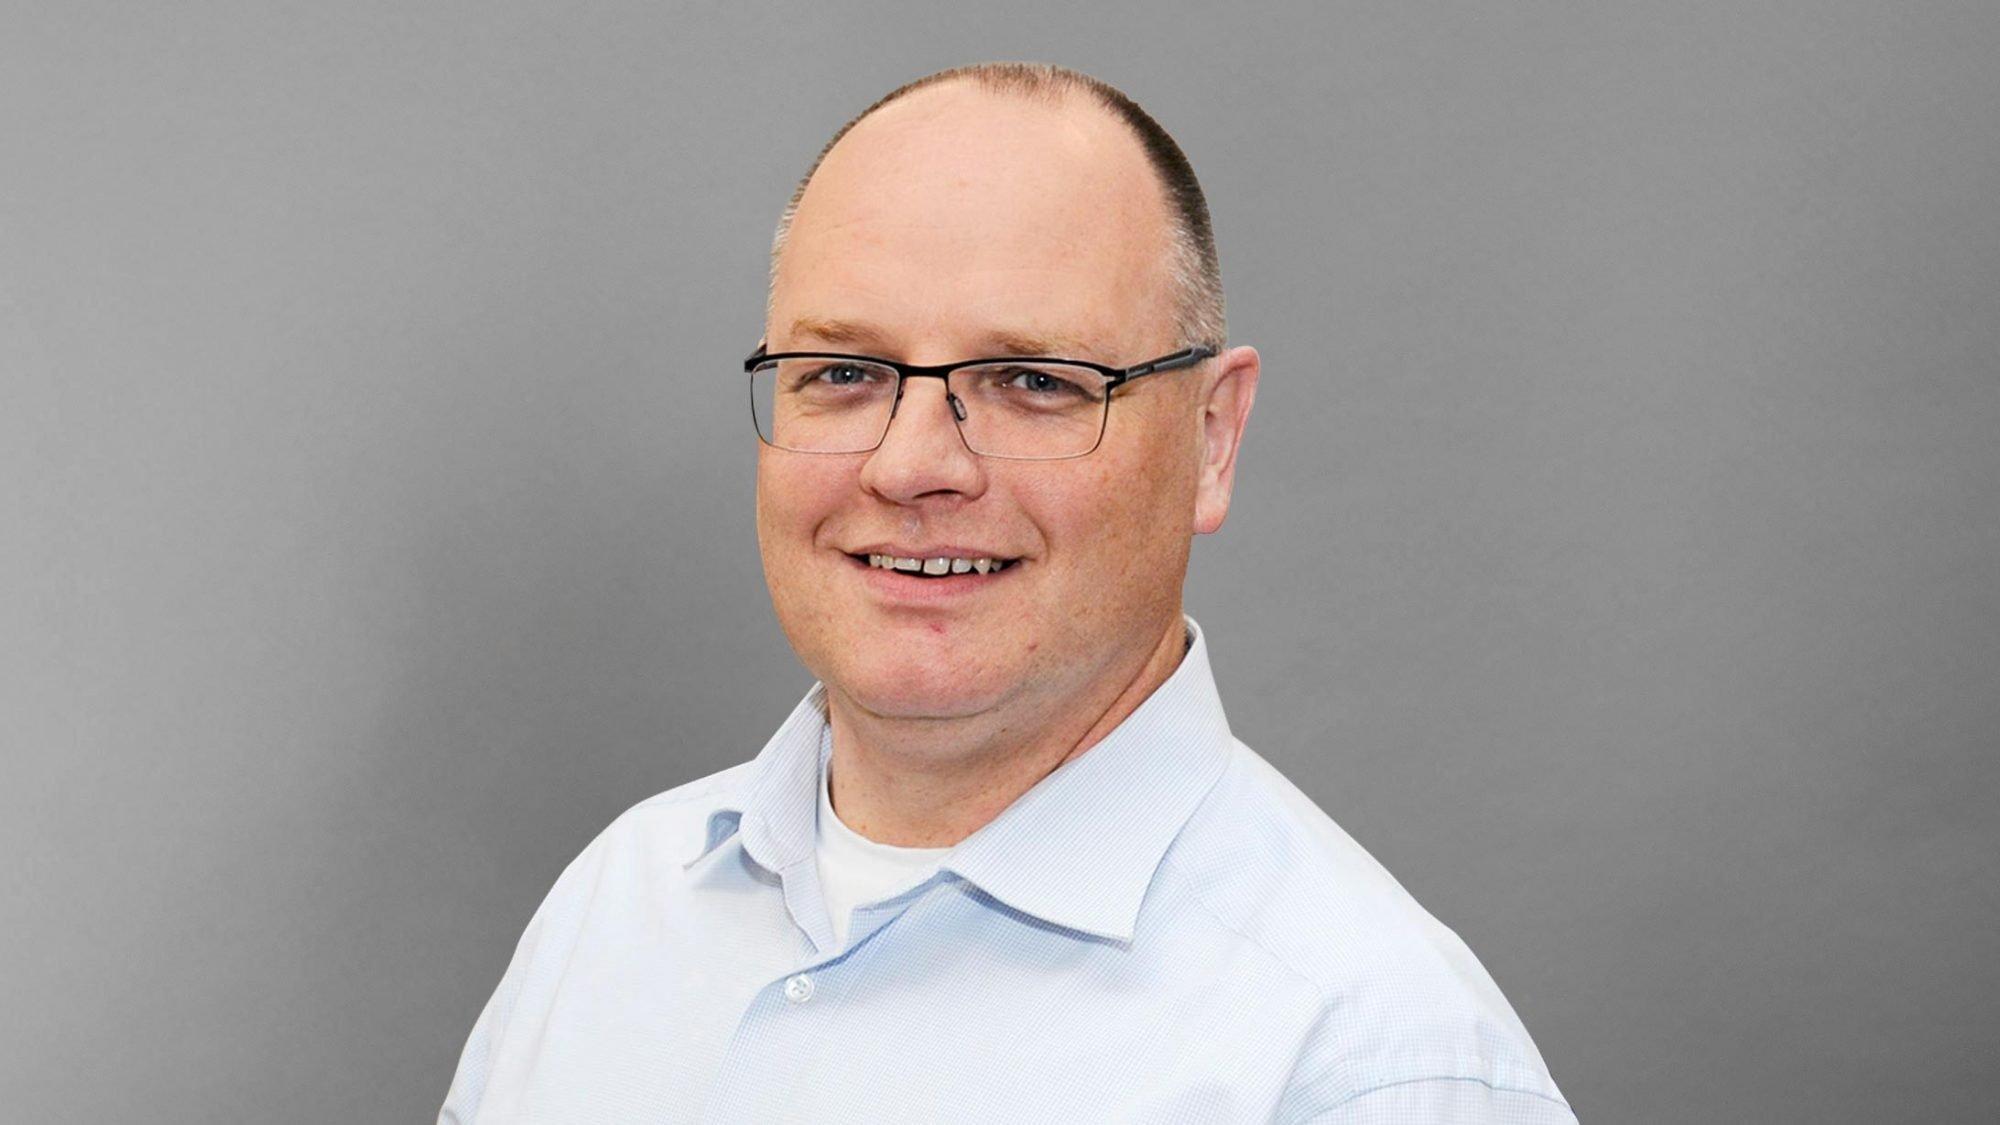 Rückenschmerzen: Michael Phieler, dipl. Physiotherapeut FH und Leiter Therapien im KSB